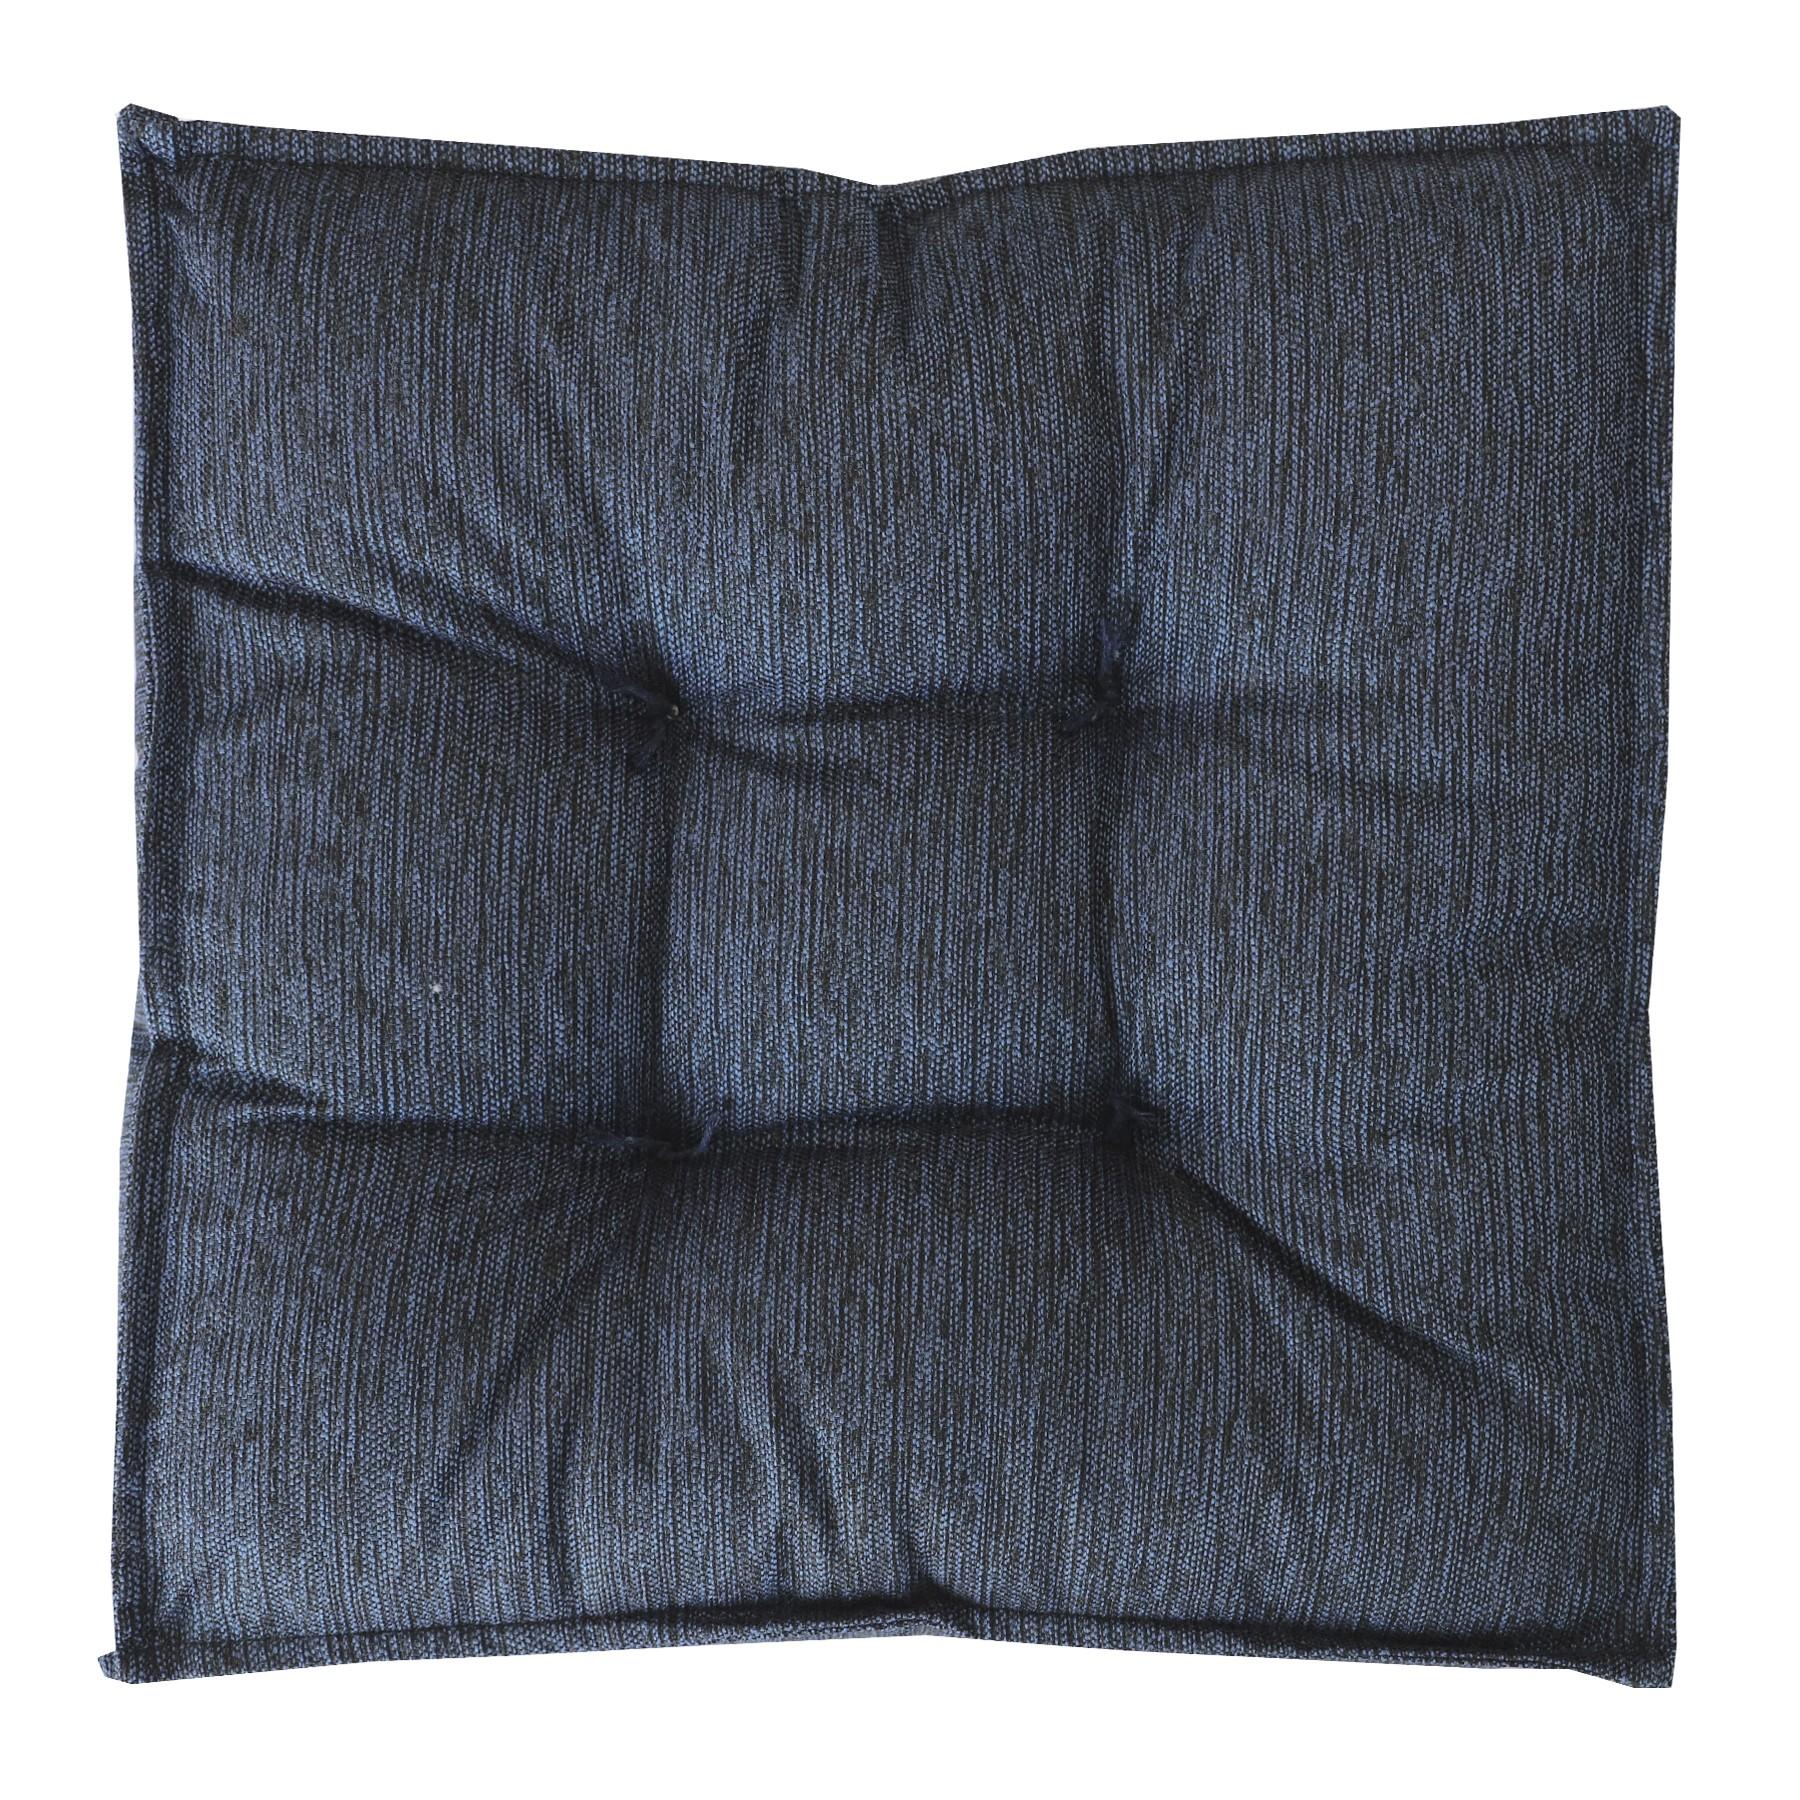 Almofada Futton Linho 45 x 45 cm 02181009 - Madritex